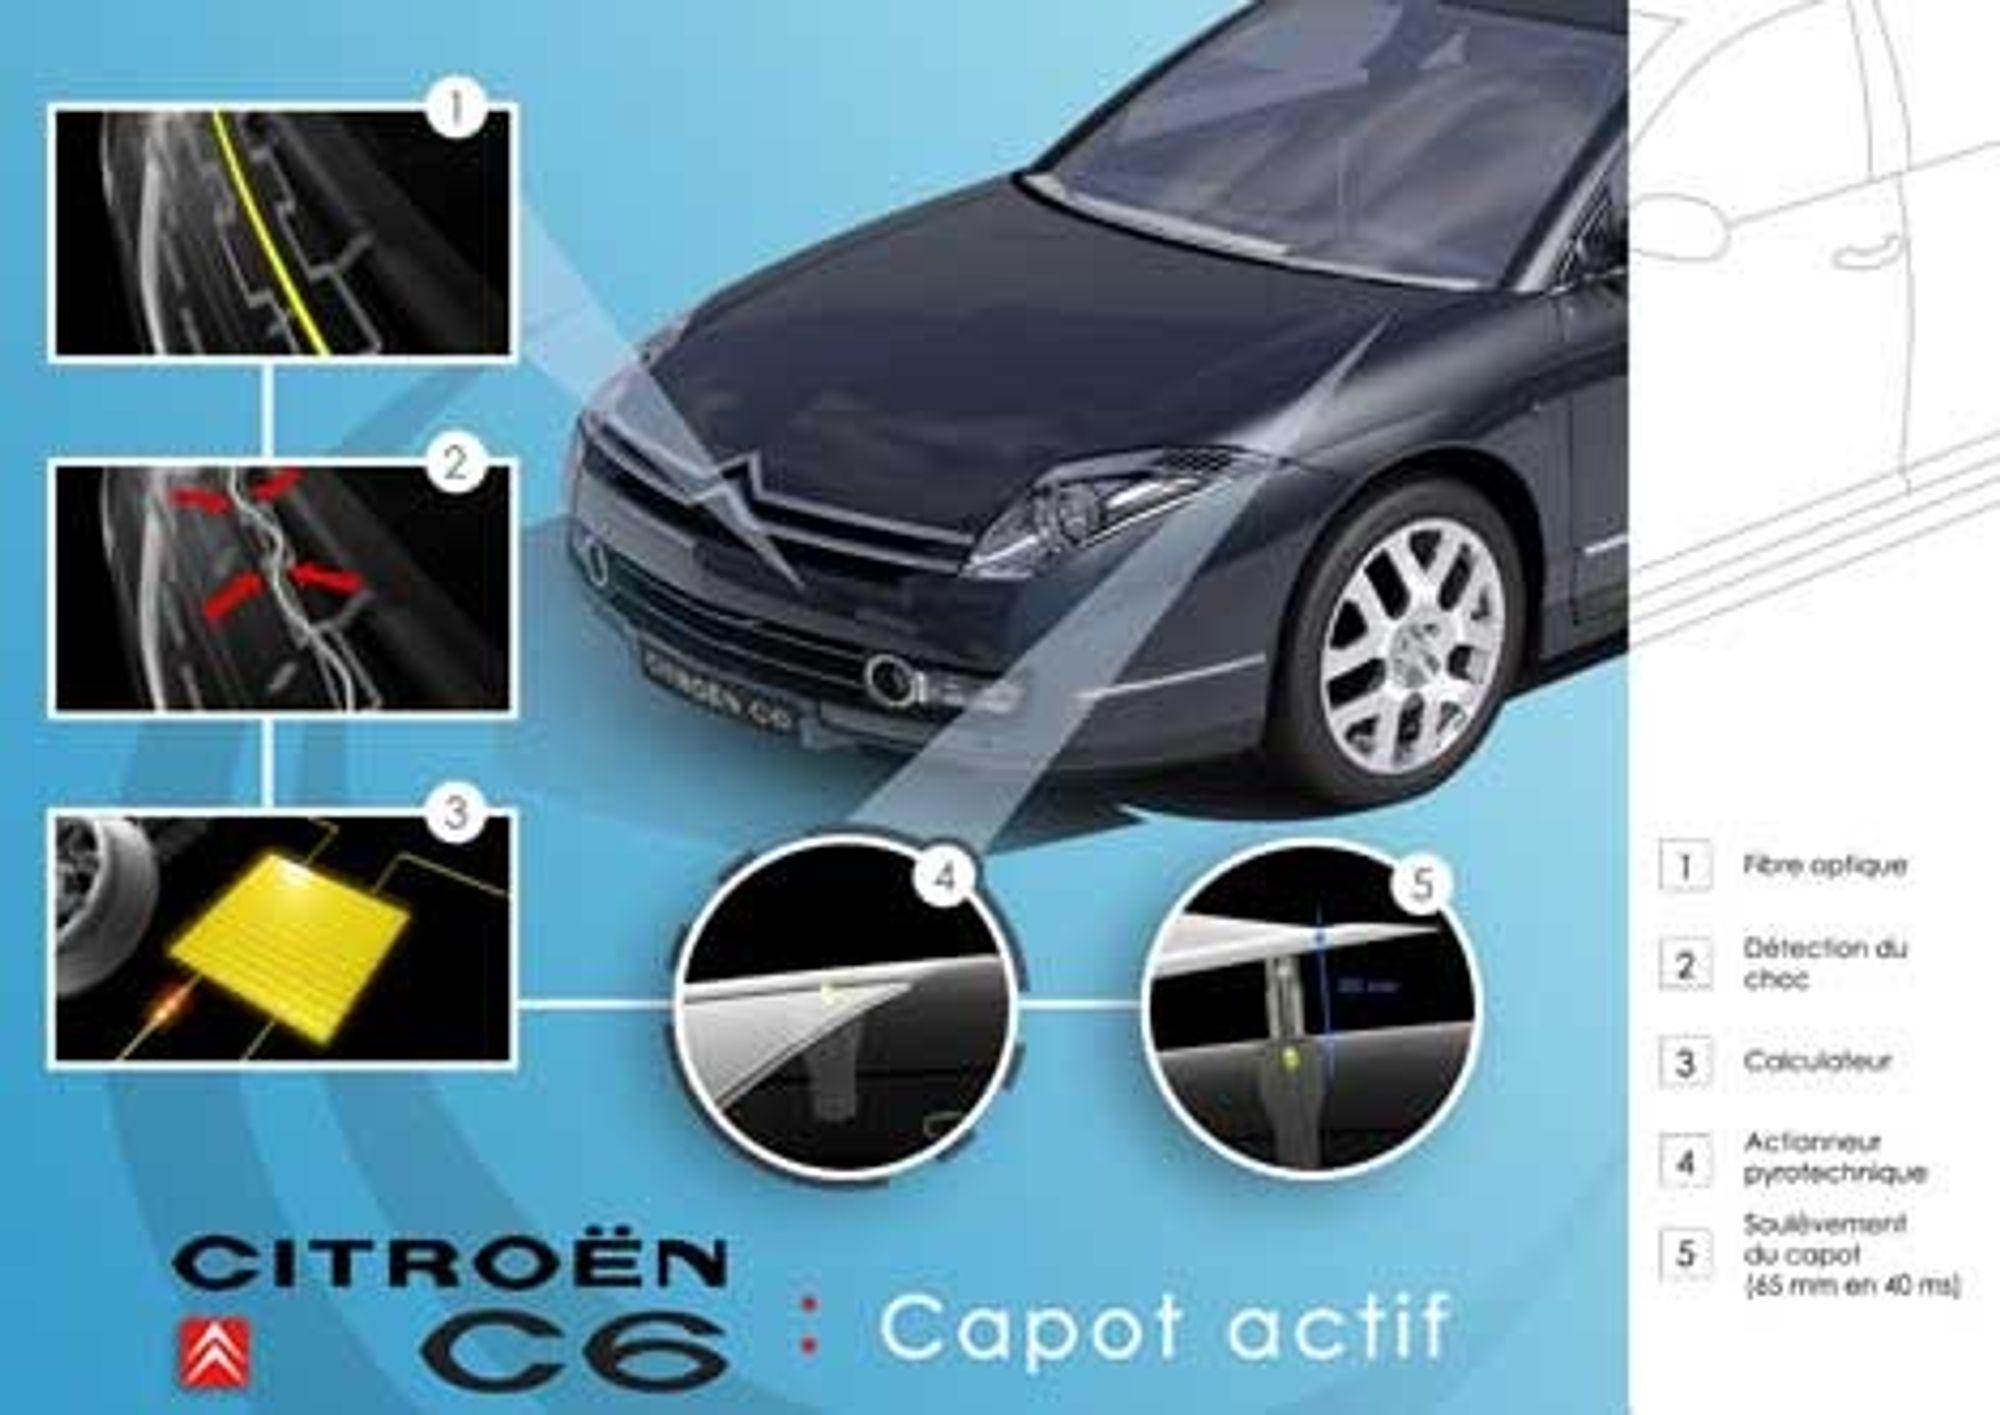 AKTIVT: Motorpanseret i Citroëns nye flaggskip C6 har gitt fabrikken en ettertraktet sikkerhetspris. Panseret er slik konstruert og bygget at det bedre beskytter fotgjengere ved en eventuell kollisjon. Tallene i tegningen indikerer 1)optisk fiber, 2) kollisjonssensor, 3) datamaskin, 4) pyroteknisk aktuator, 5) panseret løftes 65 millimeter.